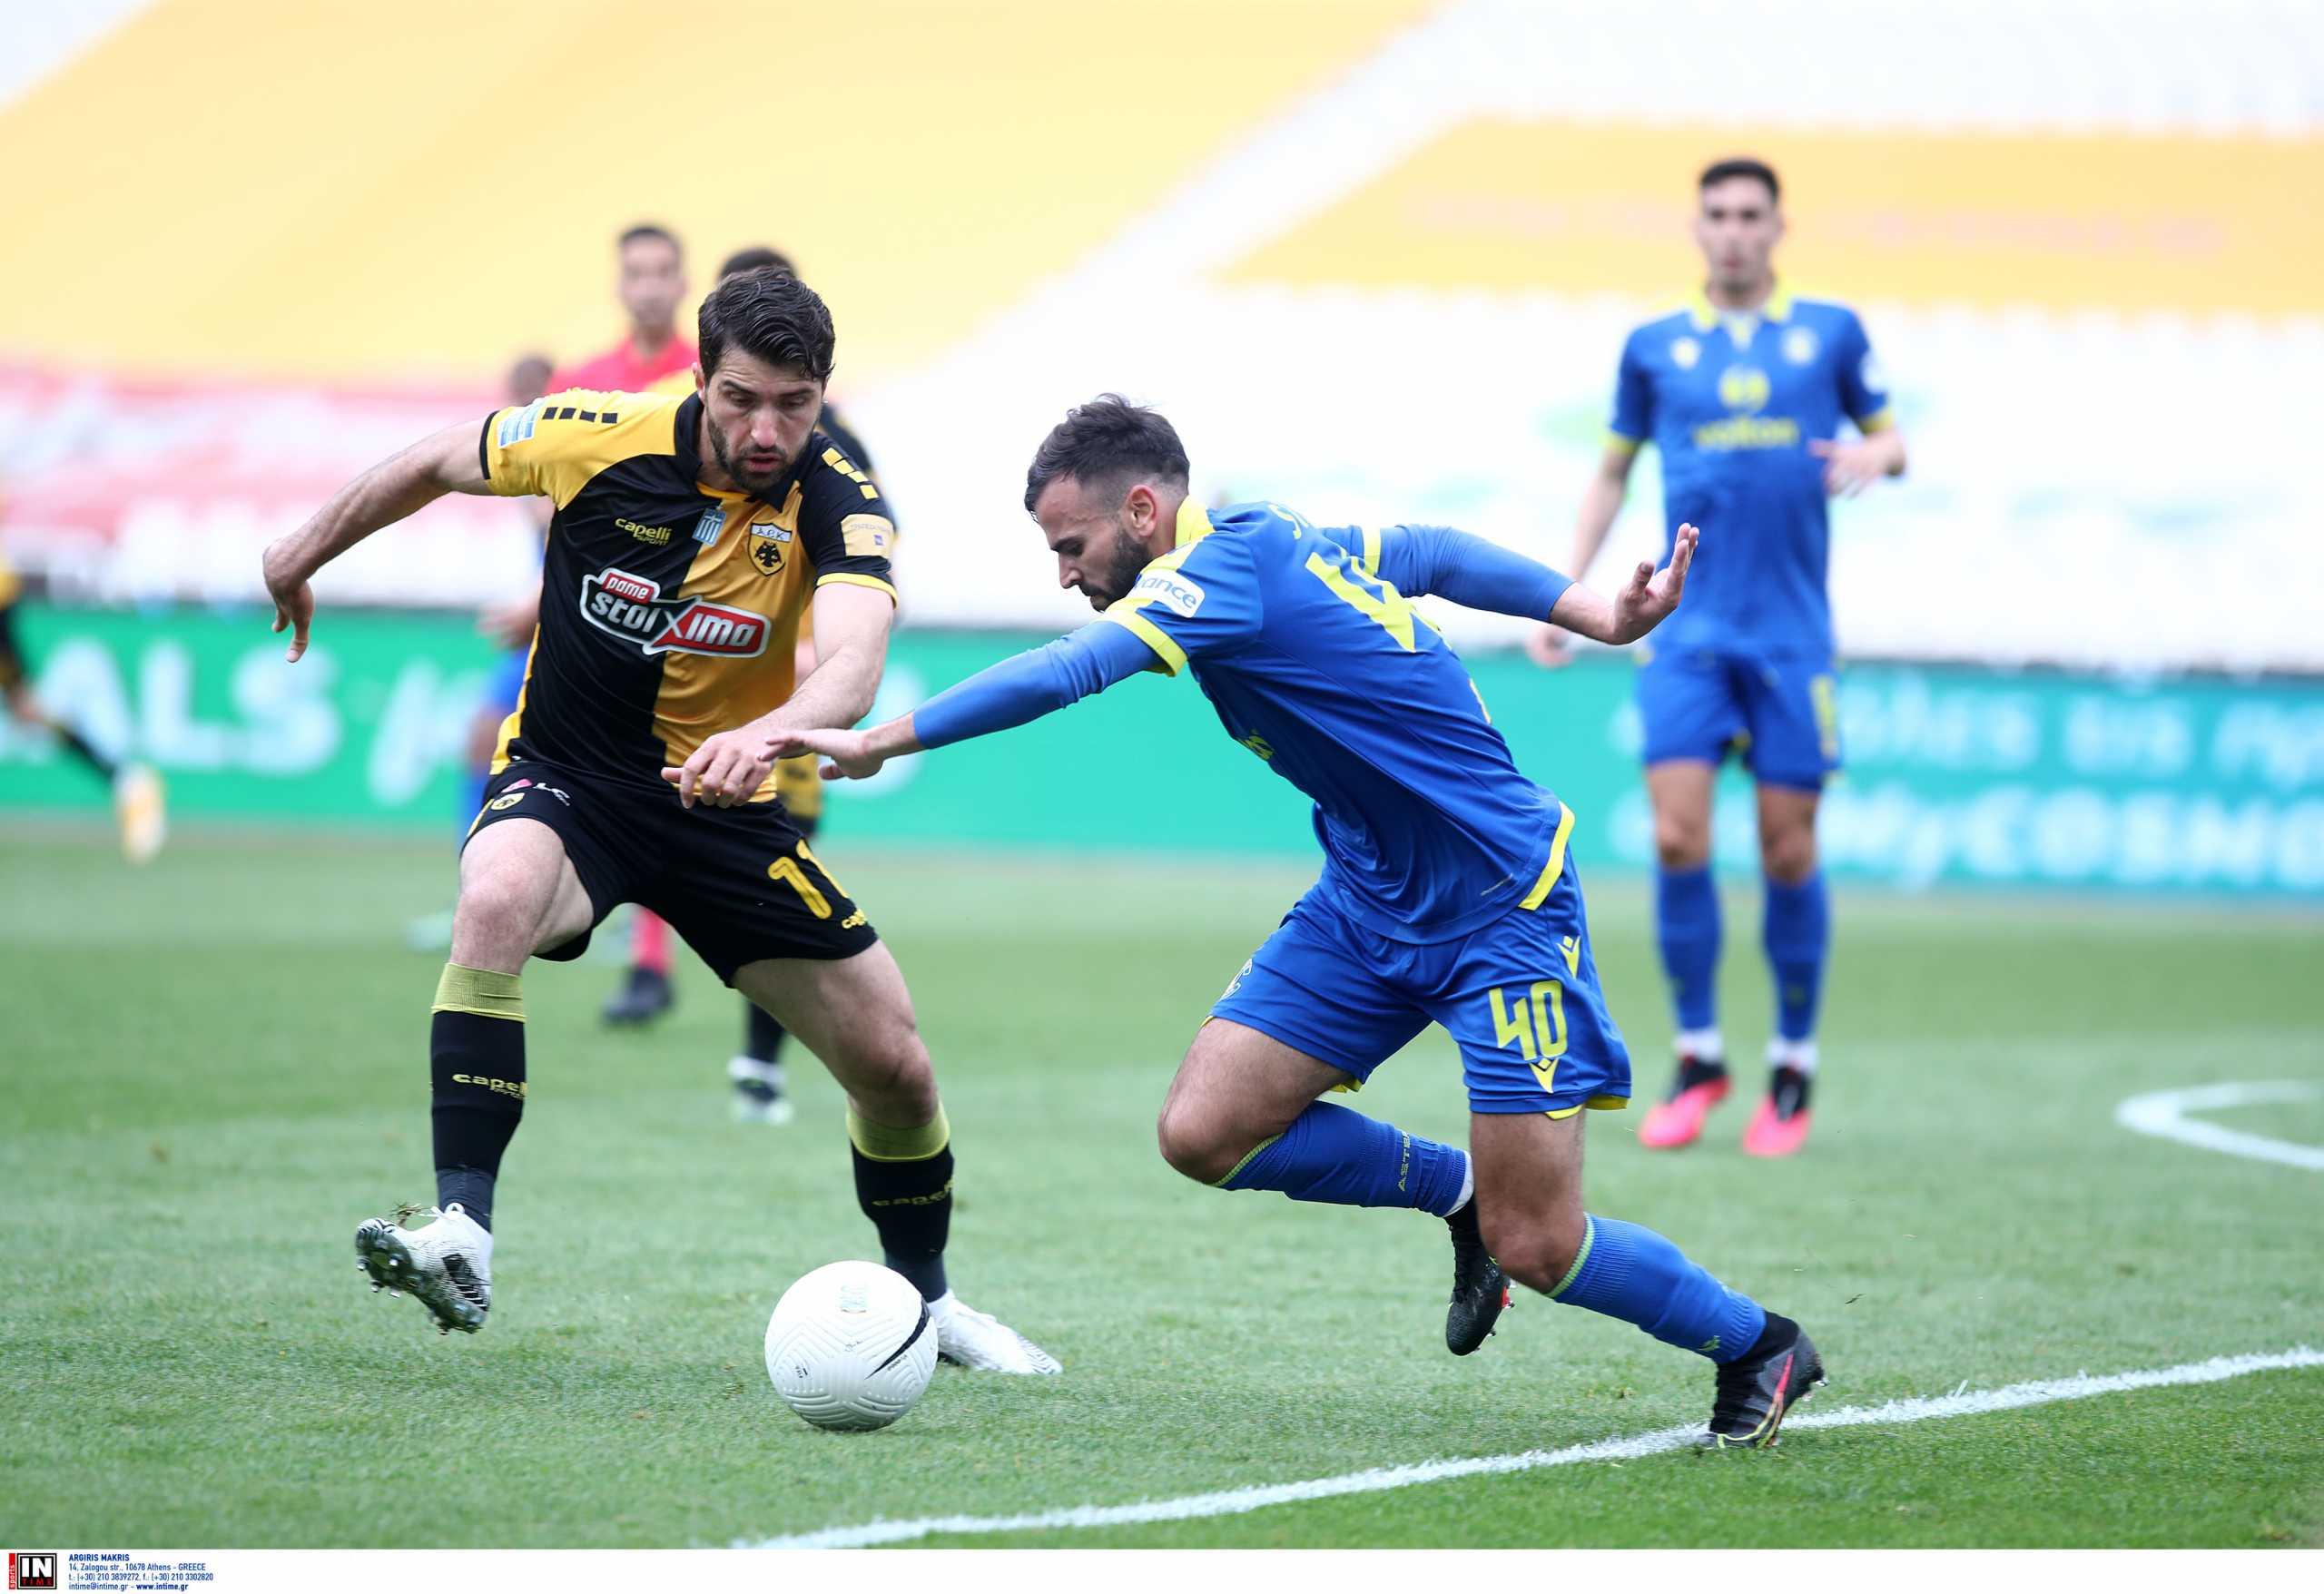 ΑΕΚ – Αστέρας Τρίπολης 3-1 ΤΕΛΙΚΟ